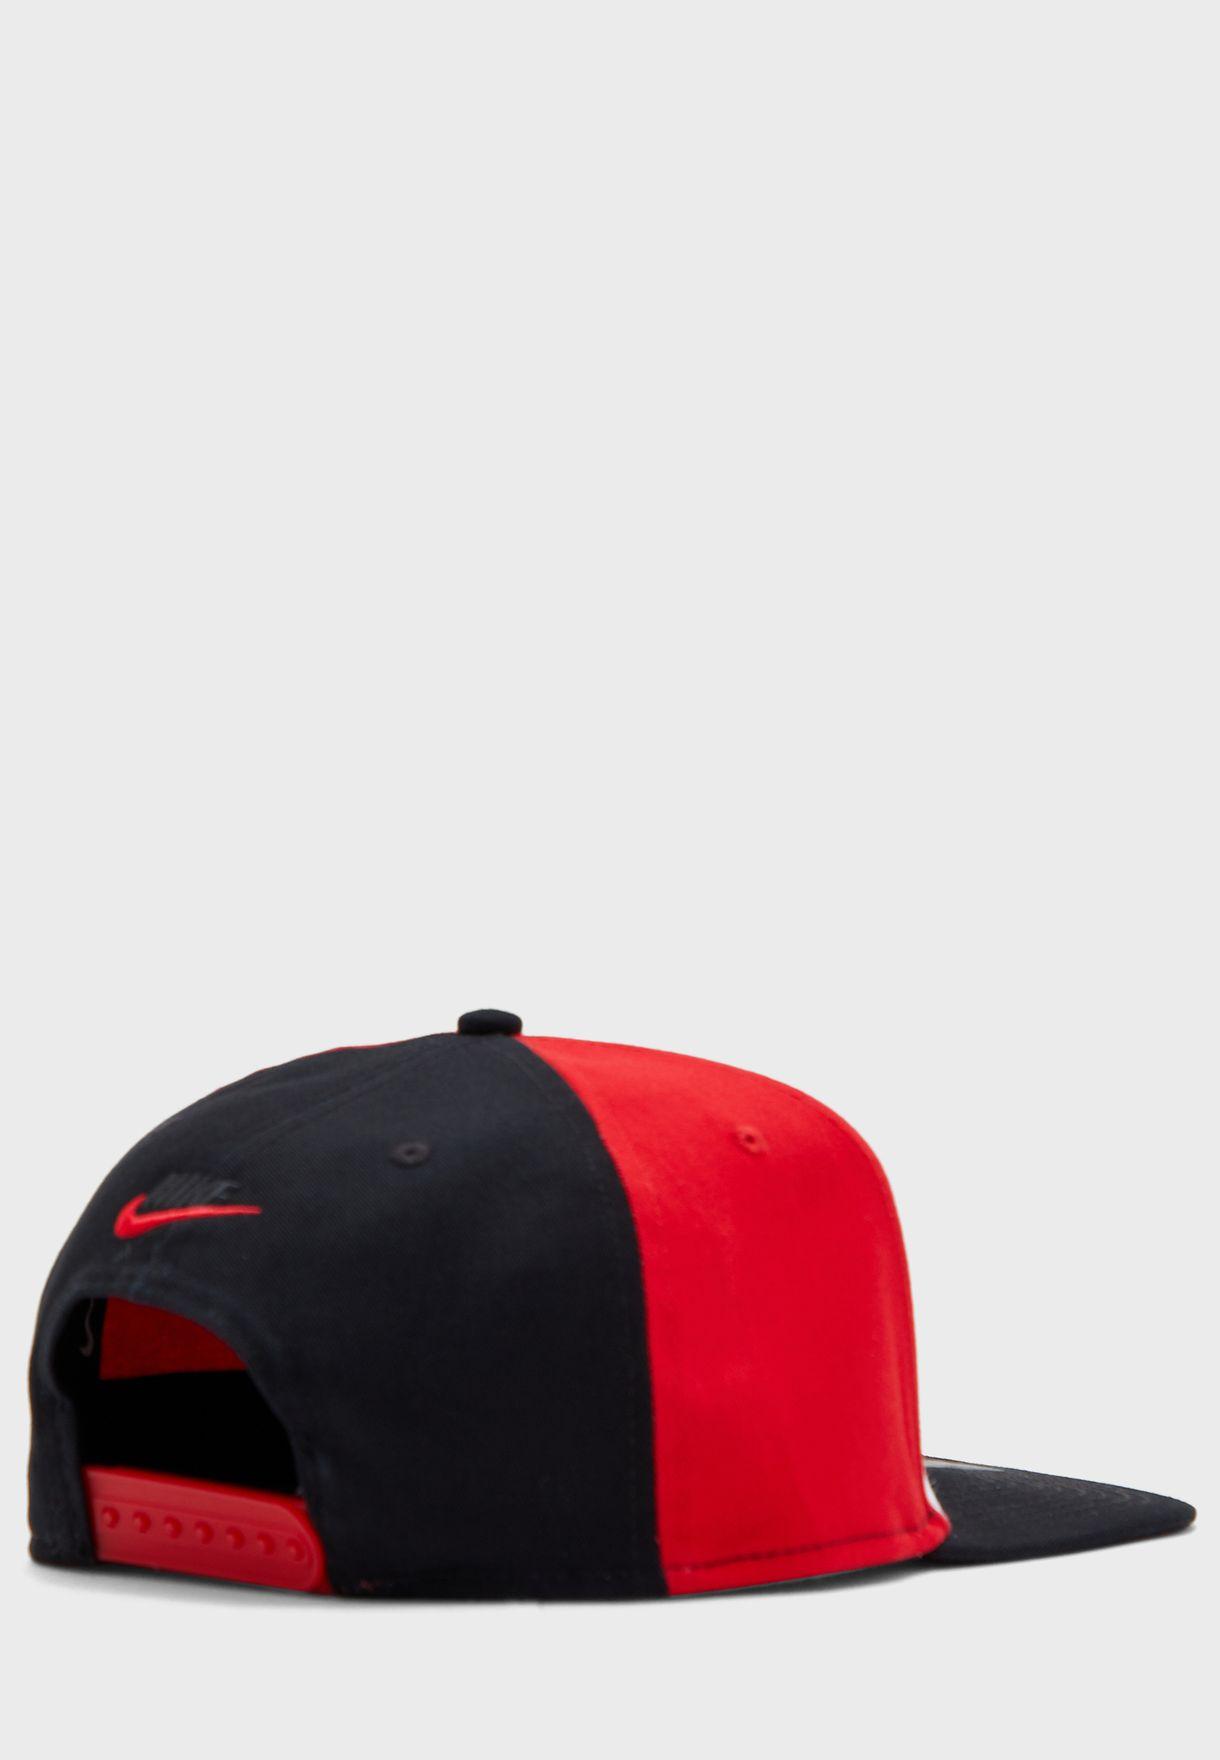 NSW Pro Air Capsule Cap